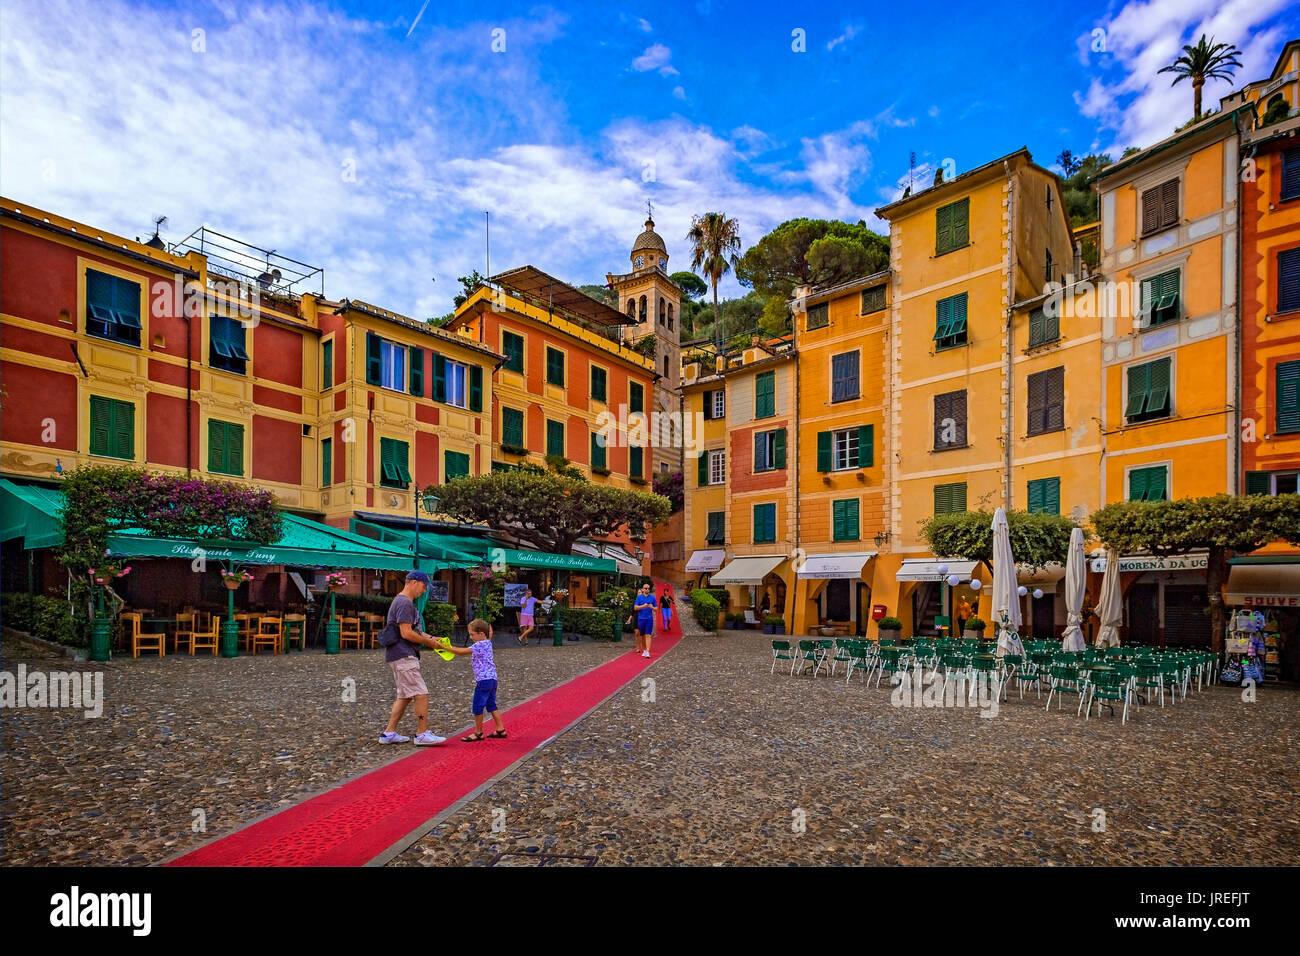 Italien Ligurien Monte Portofino Park - Portofino - die Piazzetta (roter Teppich - der längste rote Teppich in der Welt, die von Rapallo nach Portofino in einen Pfad von 8 kommt Km) Stockbild